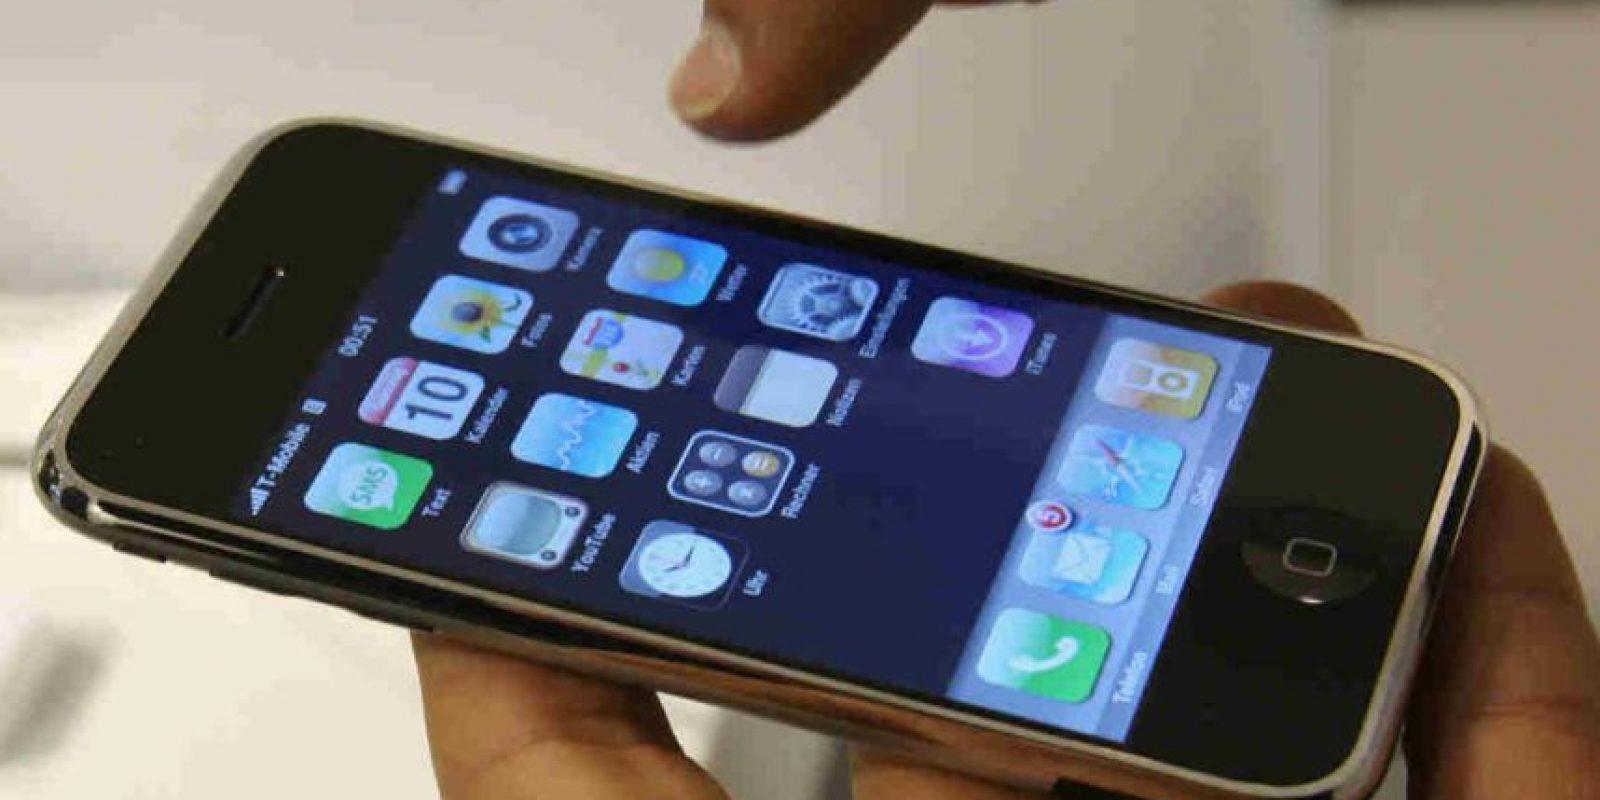 Para esto necesitábamos abrir Siri con el iPhone bloqueado y pedirle que buscara algo en Twitter. Foto:Getty Images